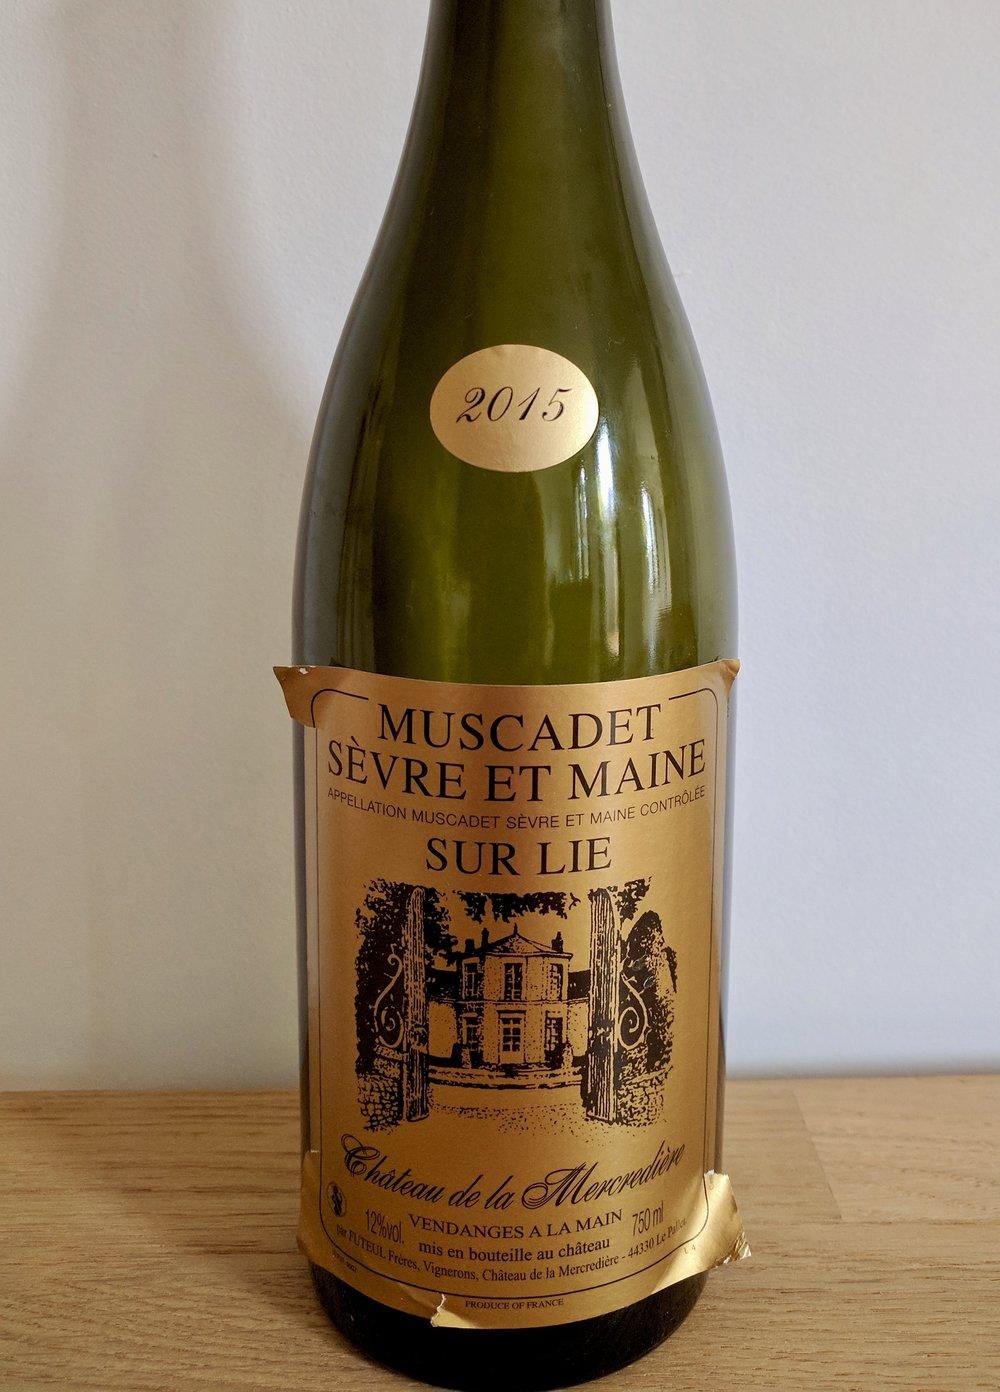 3. Le Vigneron du Muscadet -